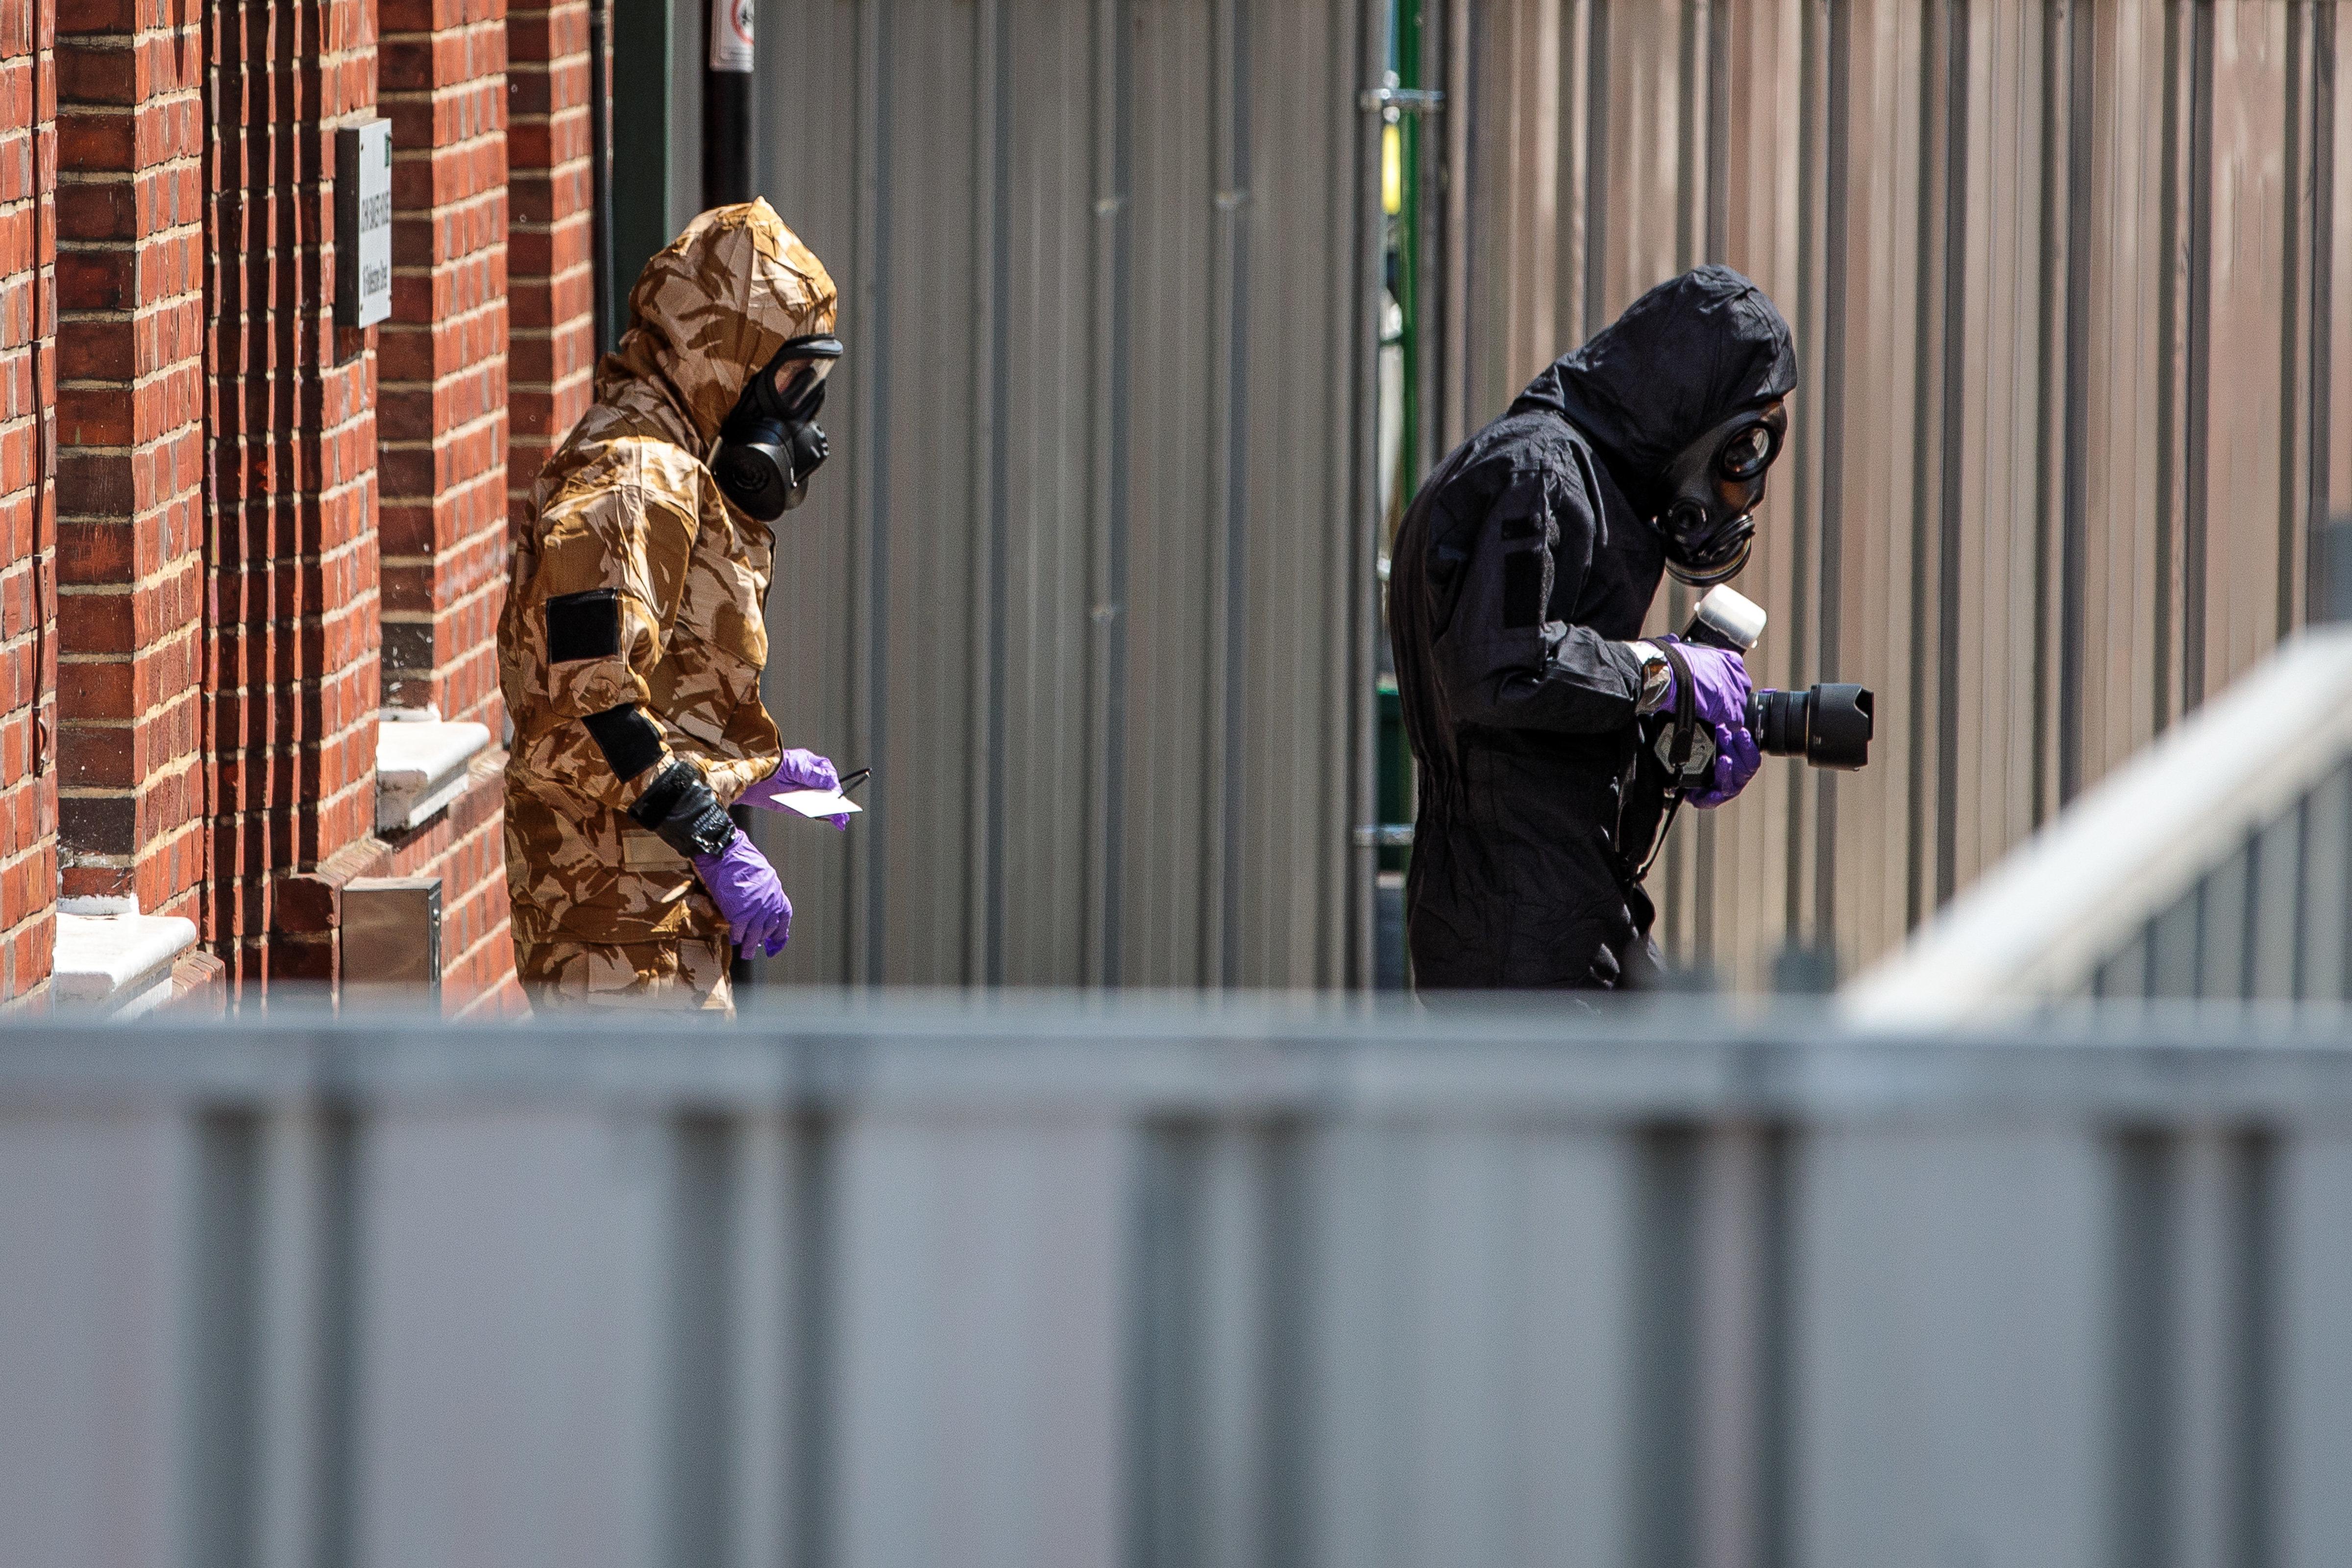 Η βρετανική αστυνομία ταυτοποίησε του υπόπτους για την δηλητηρίαση Σκριπάλ και είναι